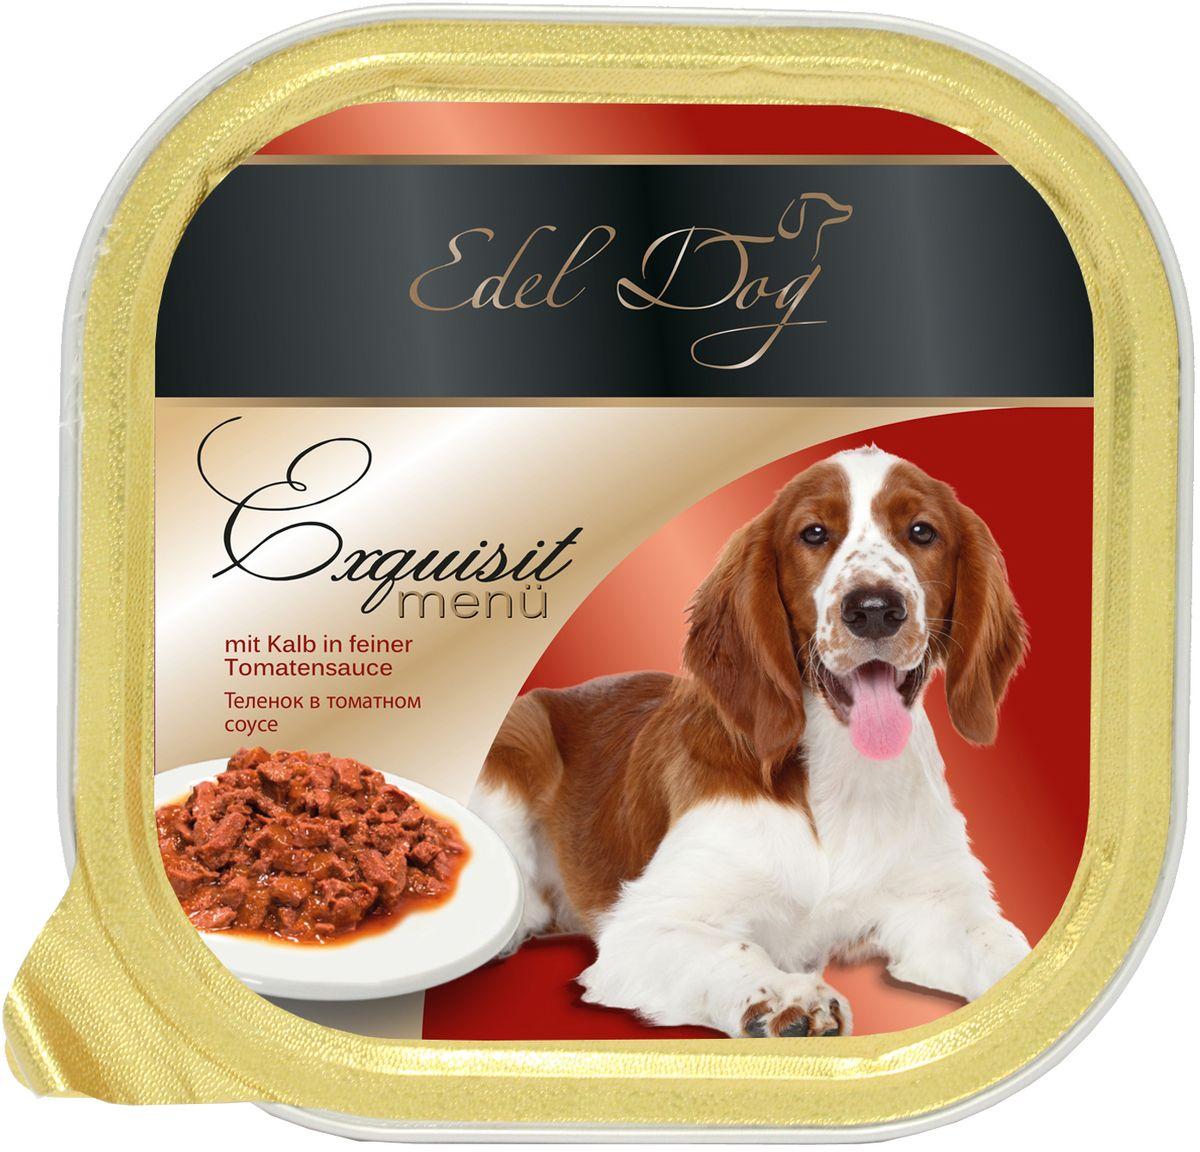 Корм консервированный Edel Dog для собак, теленок в томатном соусе, 150 г корм консервированный edel dog для собак теленок в томатном соусе 150 г